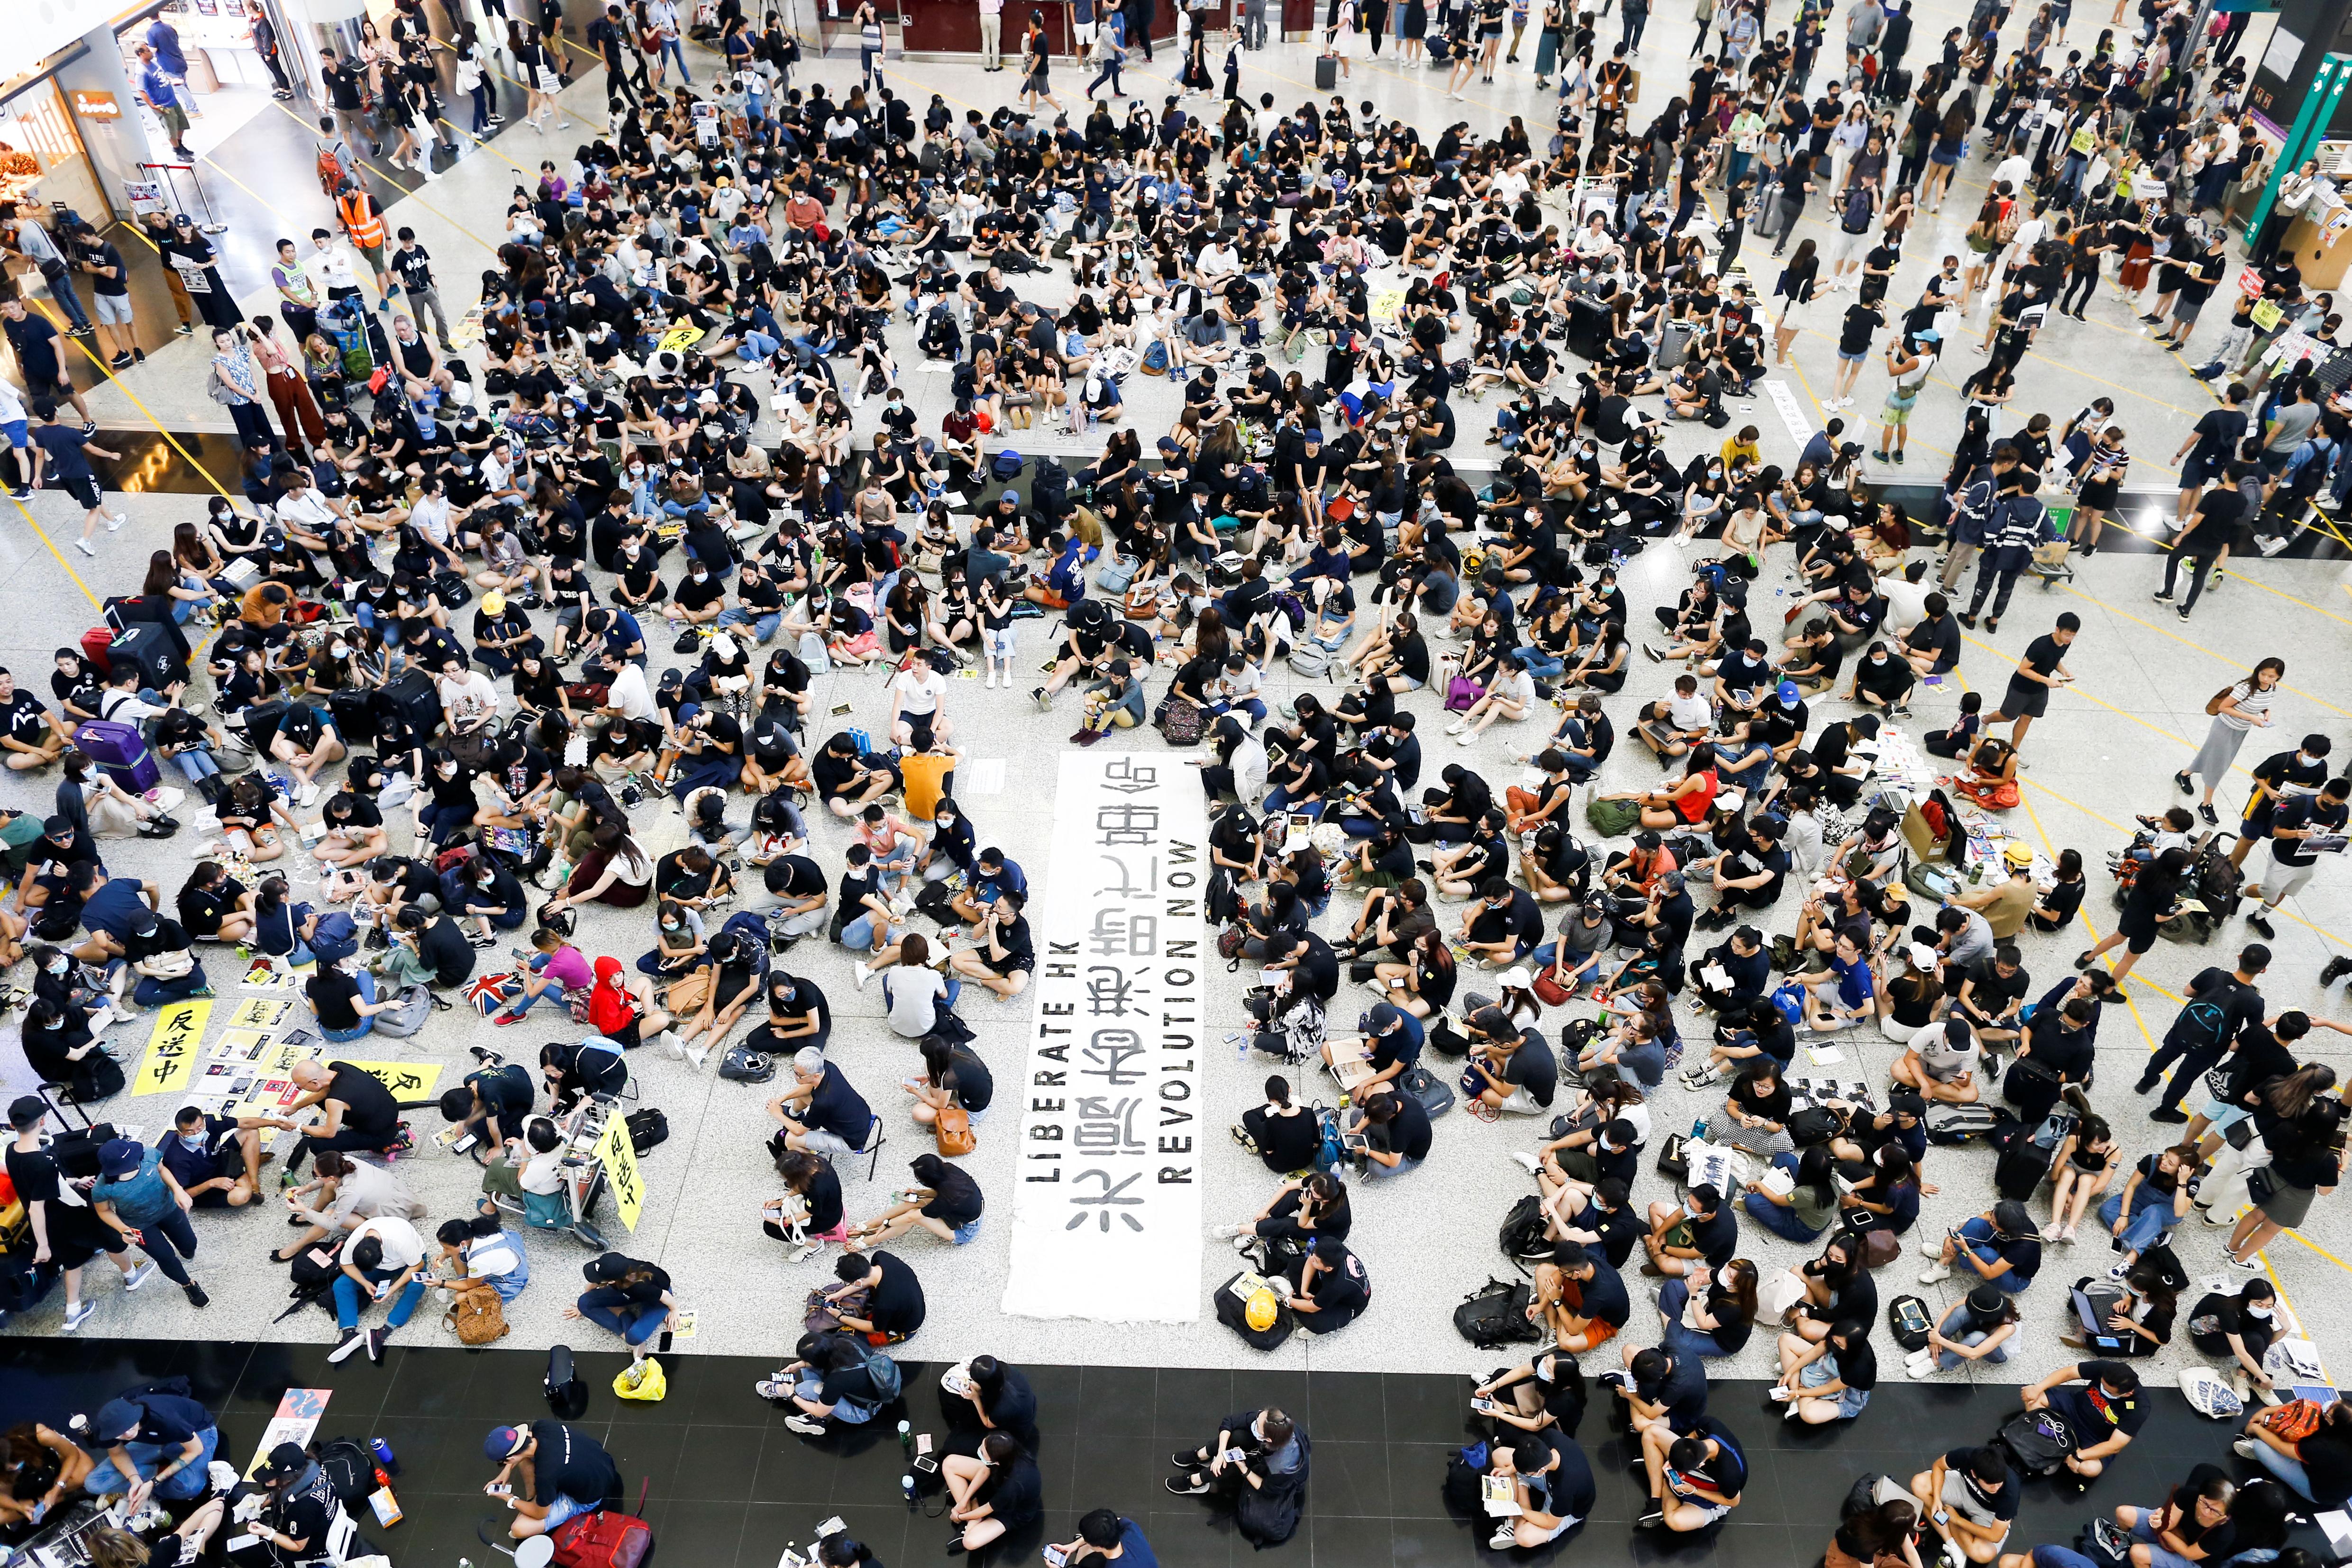 Χονγκ Κονγκ: Καθιστική διαμαρτυρία στο αεροδρόμιο από διαδηλωτές [pics]